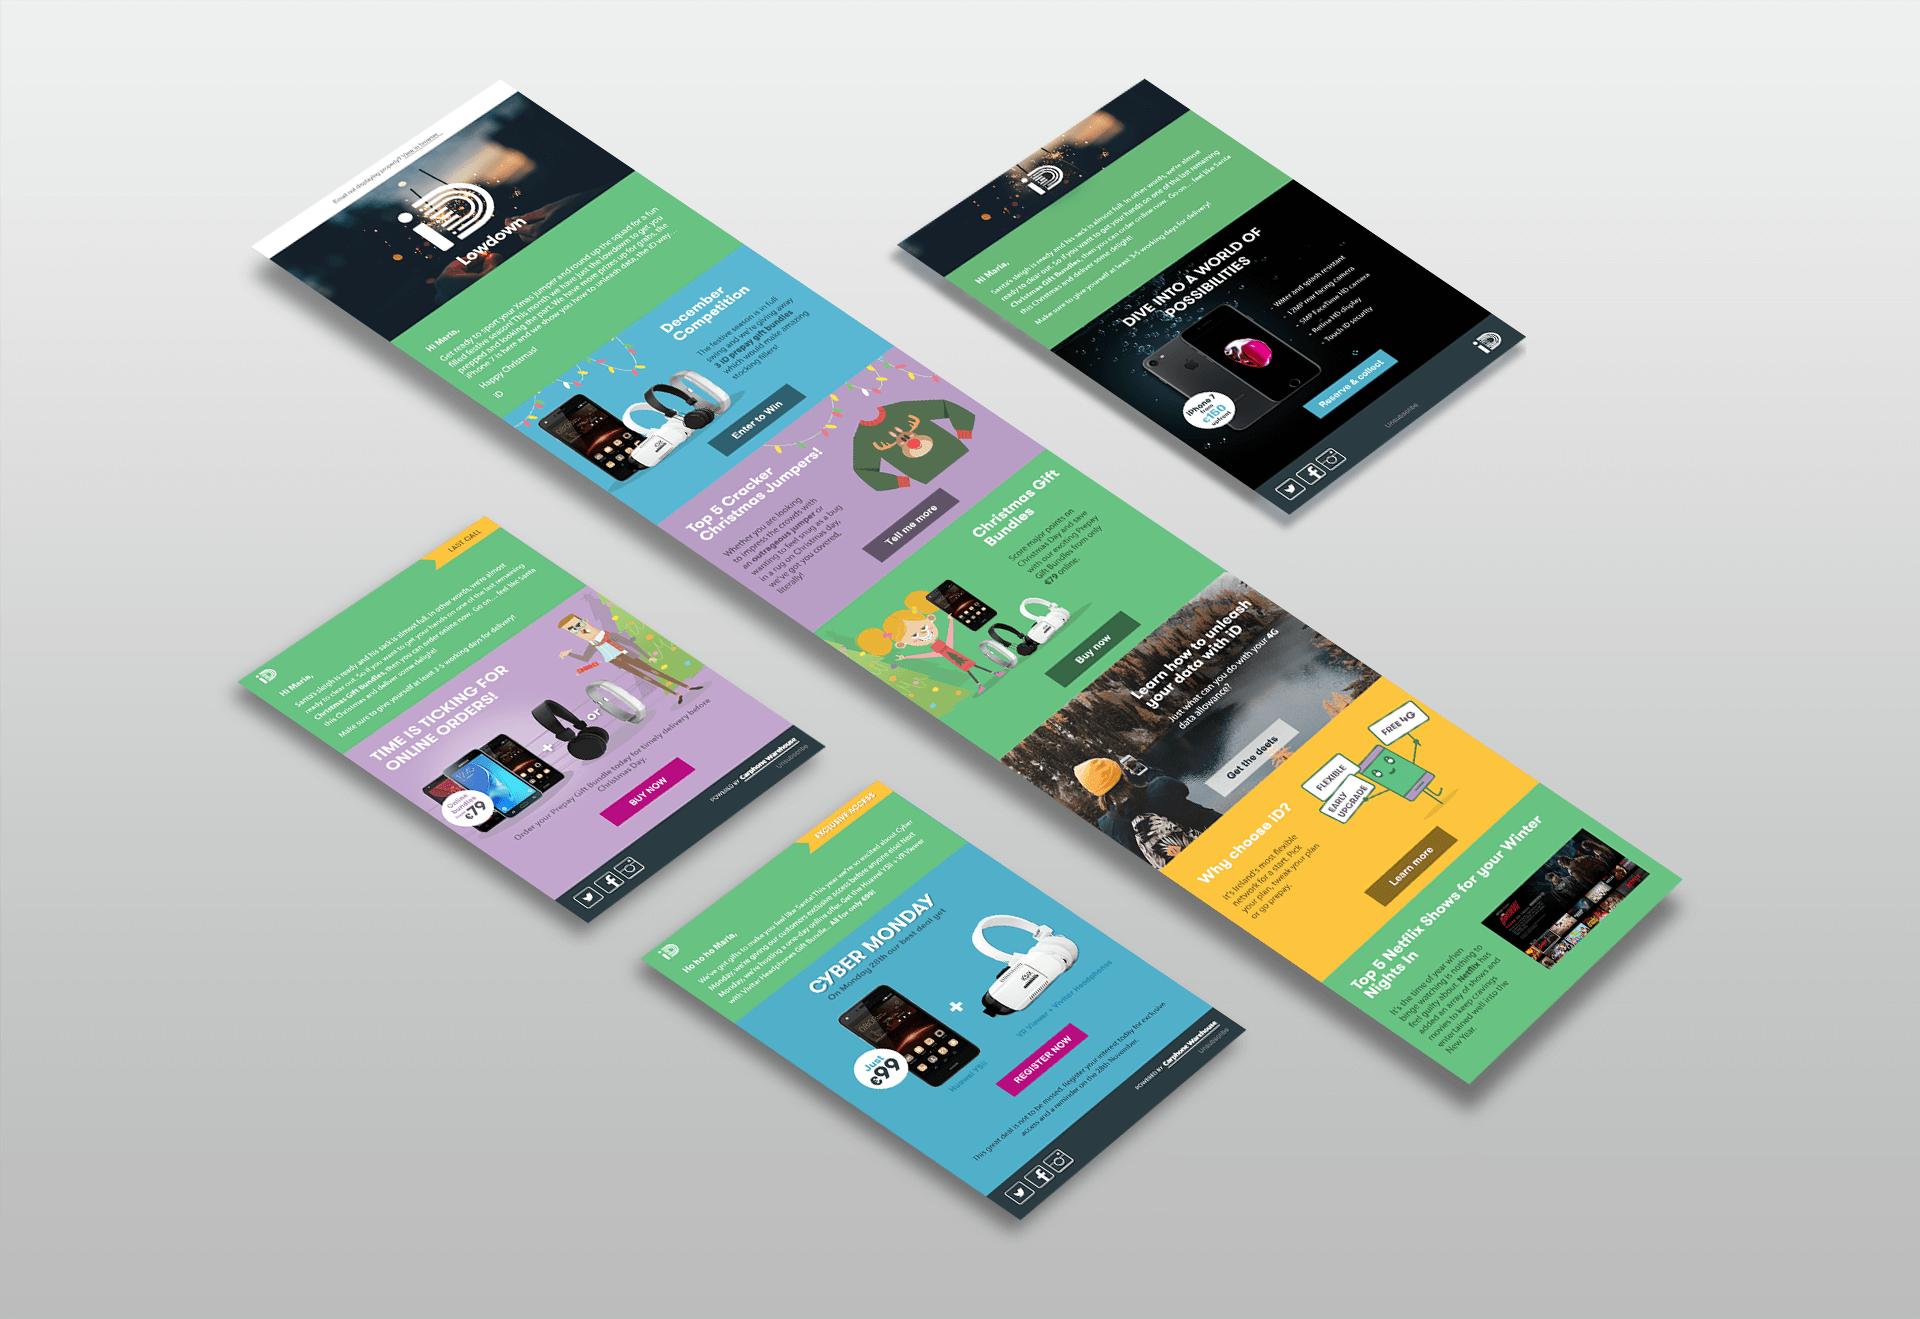 Populaire Andrea Lantos | UI Designer, UX Designer, Graphic Designer  RN89